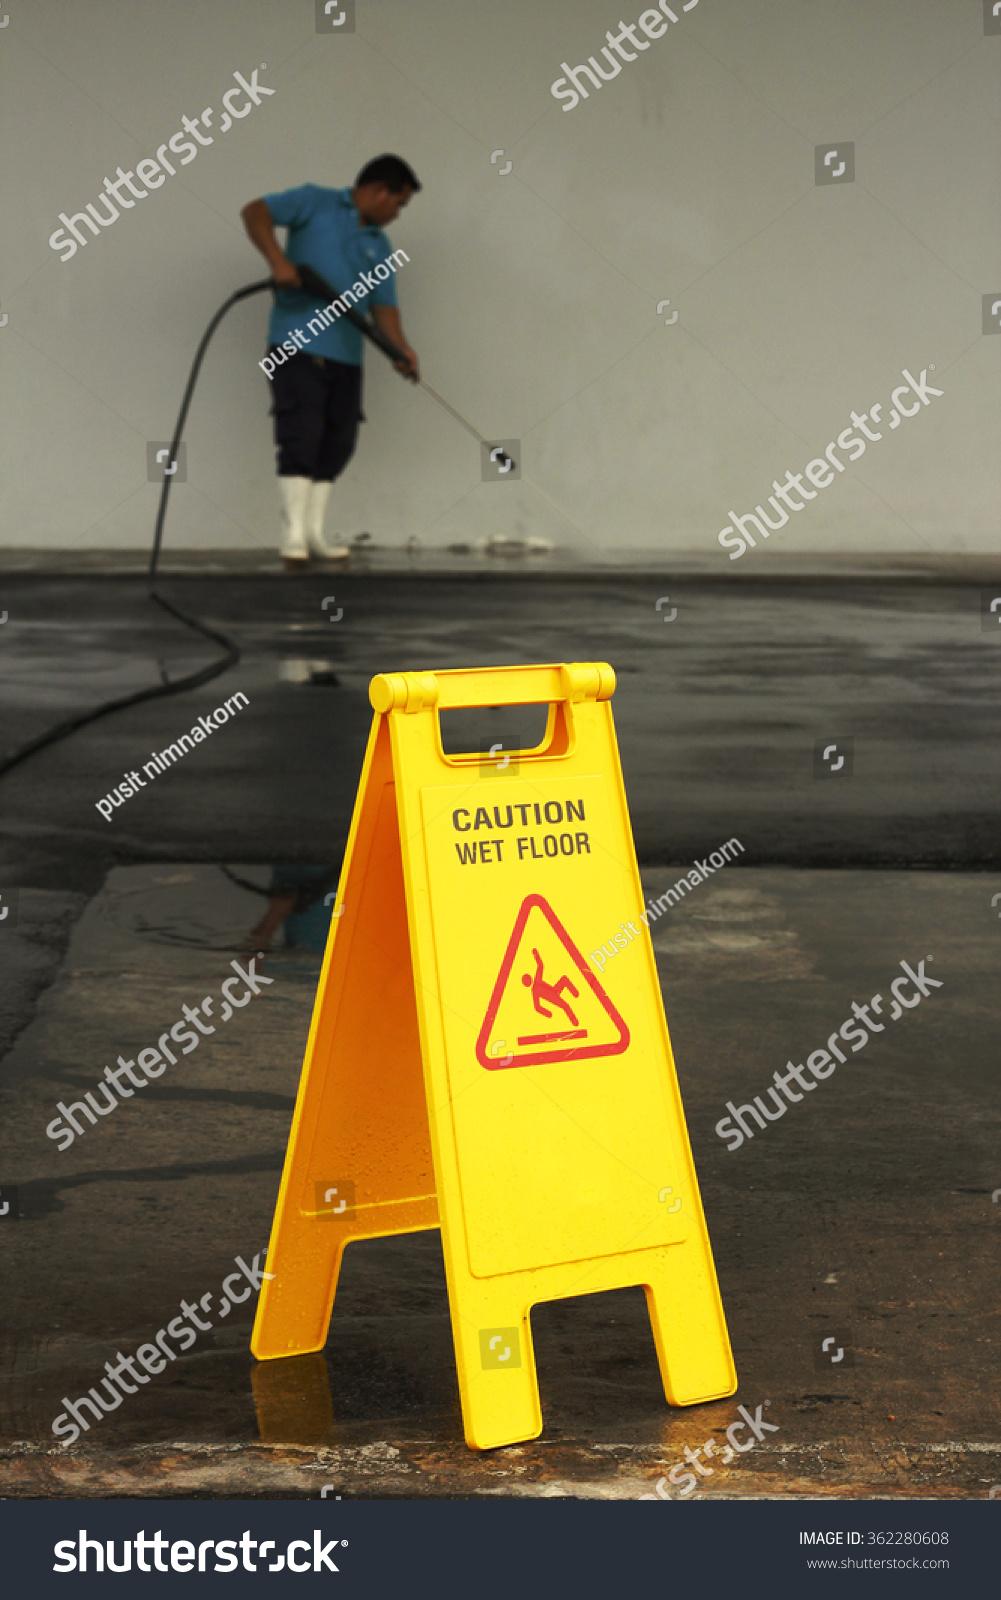 Caution wet floor banner worker cleaning stock photo for Floor banner